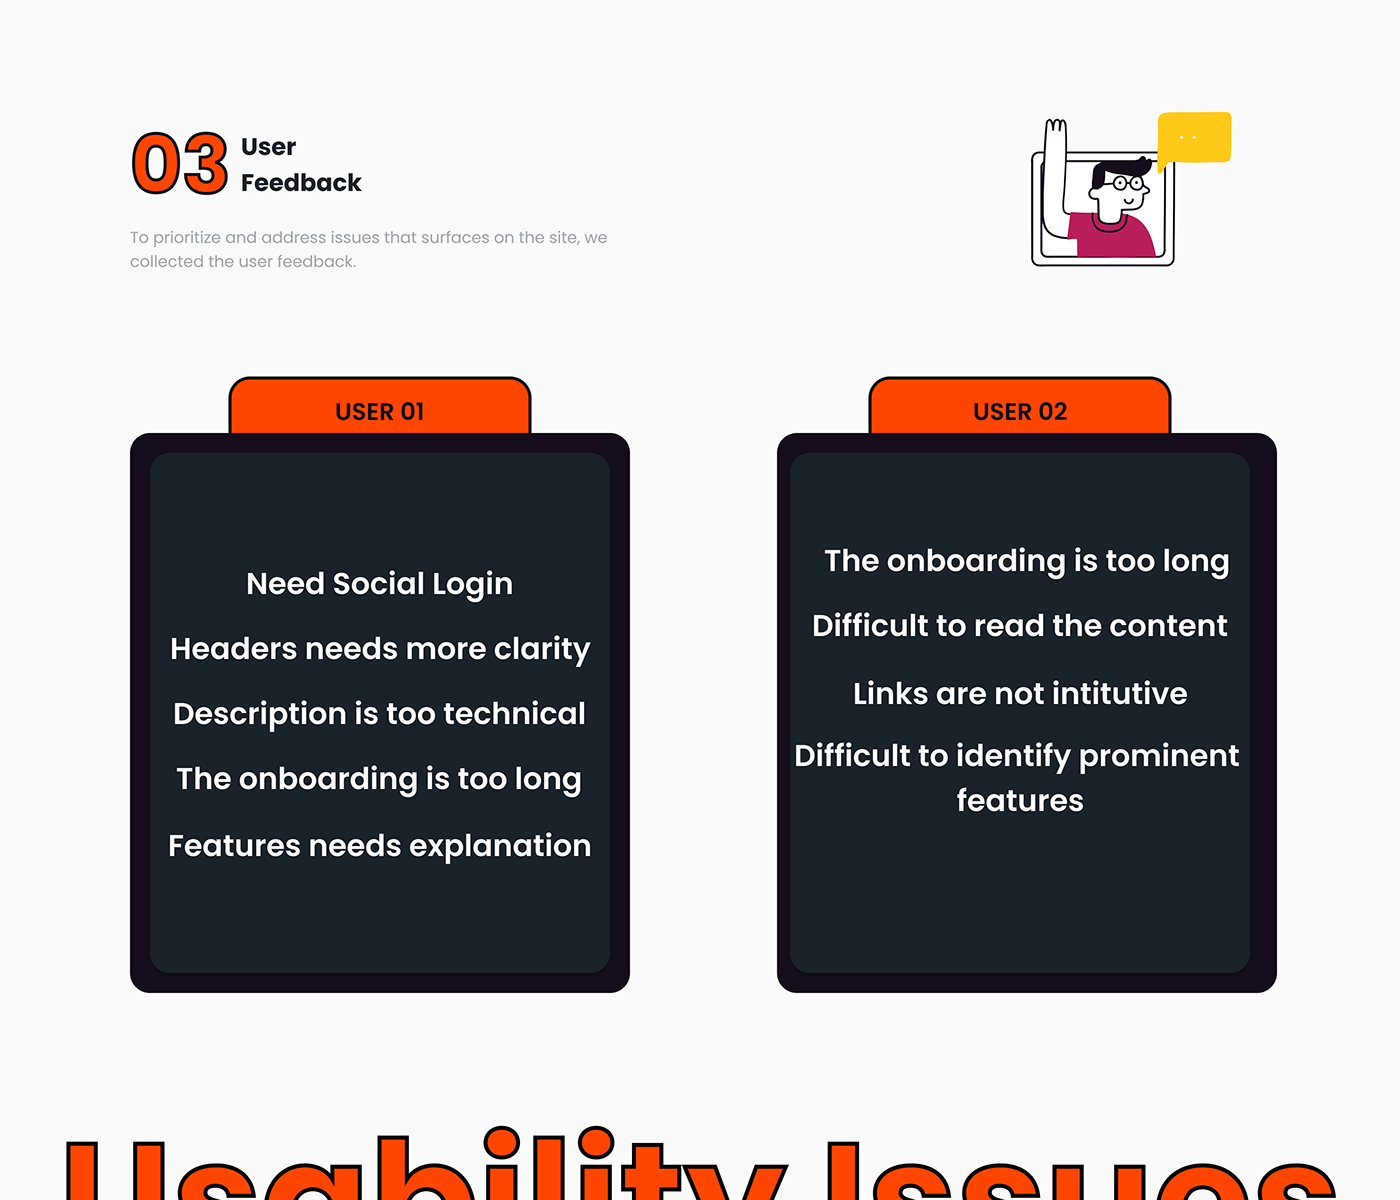 Case Study hackathon learning TEAMWORK ux UX Case Study UX design uxresults Website websitedesign